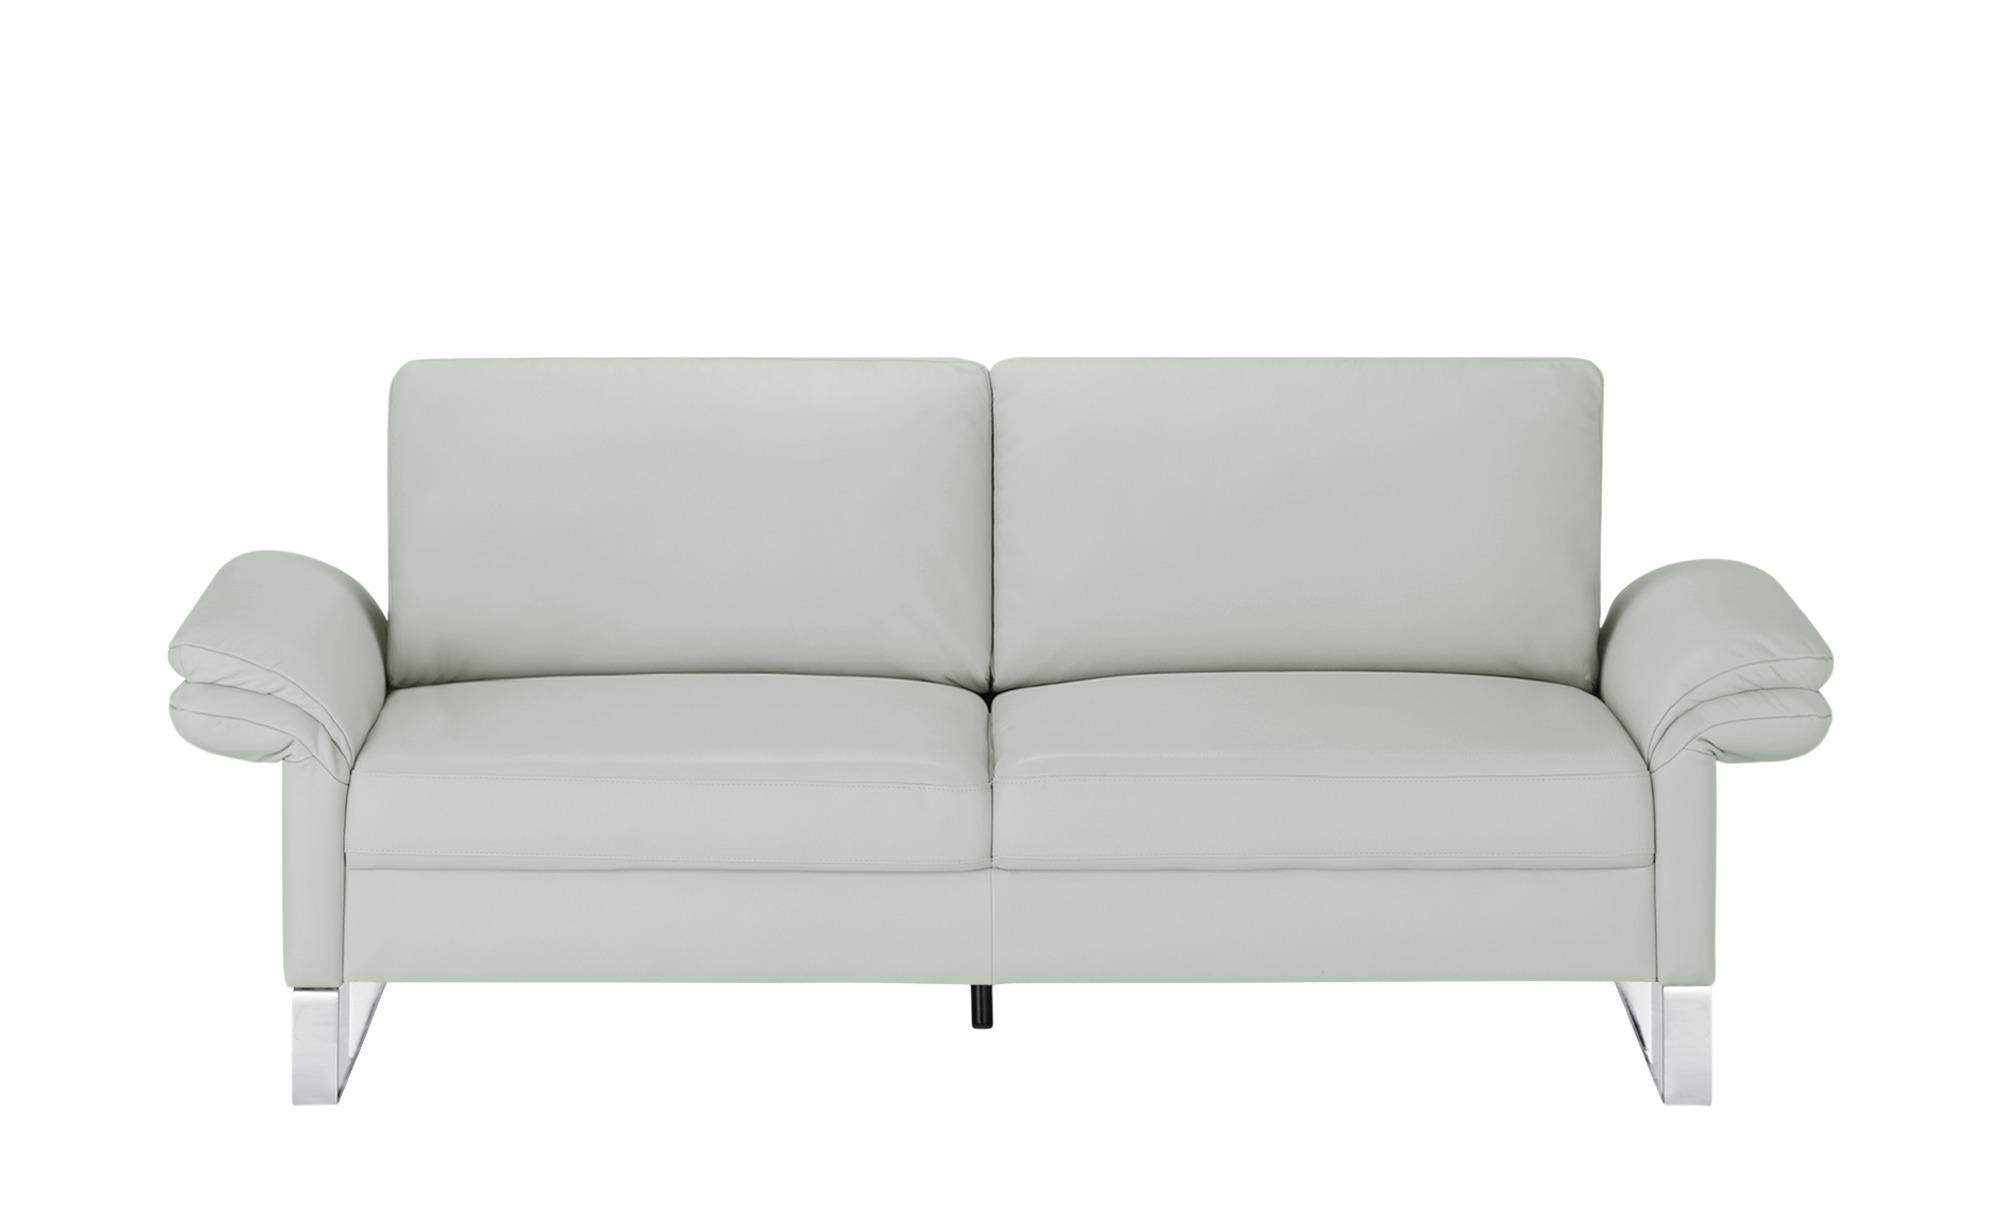 Max Schelling Einzelsofa  Maximum ¦ grau ¦ Maße (cm): B: 194 H: 86 T: 97 Polstermöbel > Sofas > 2-Sitzer - Höffner